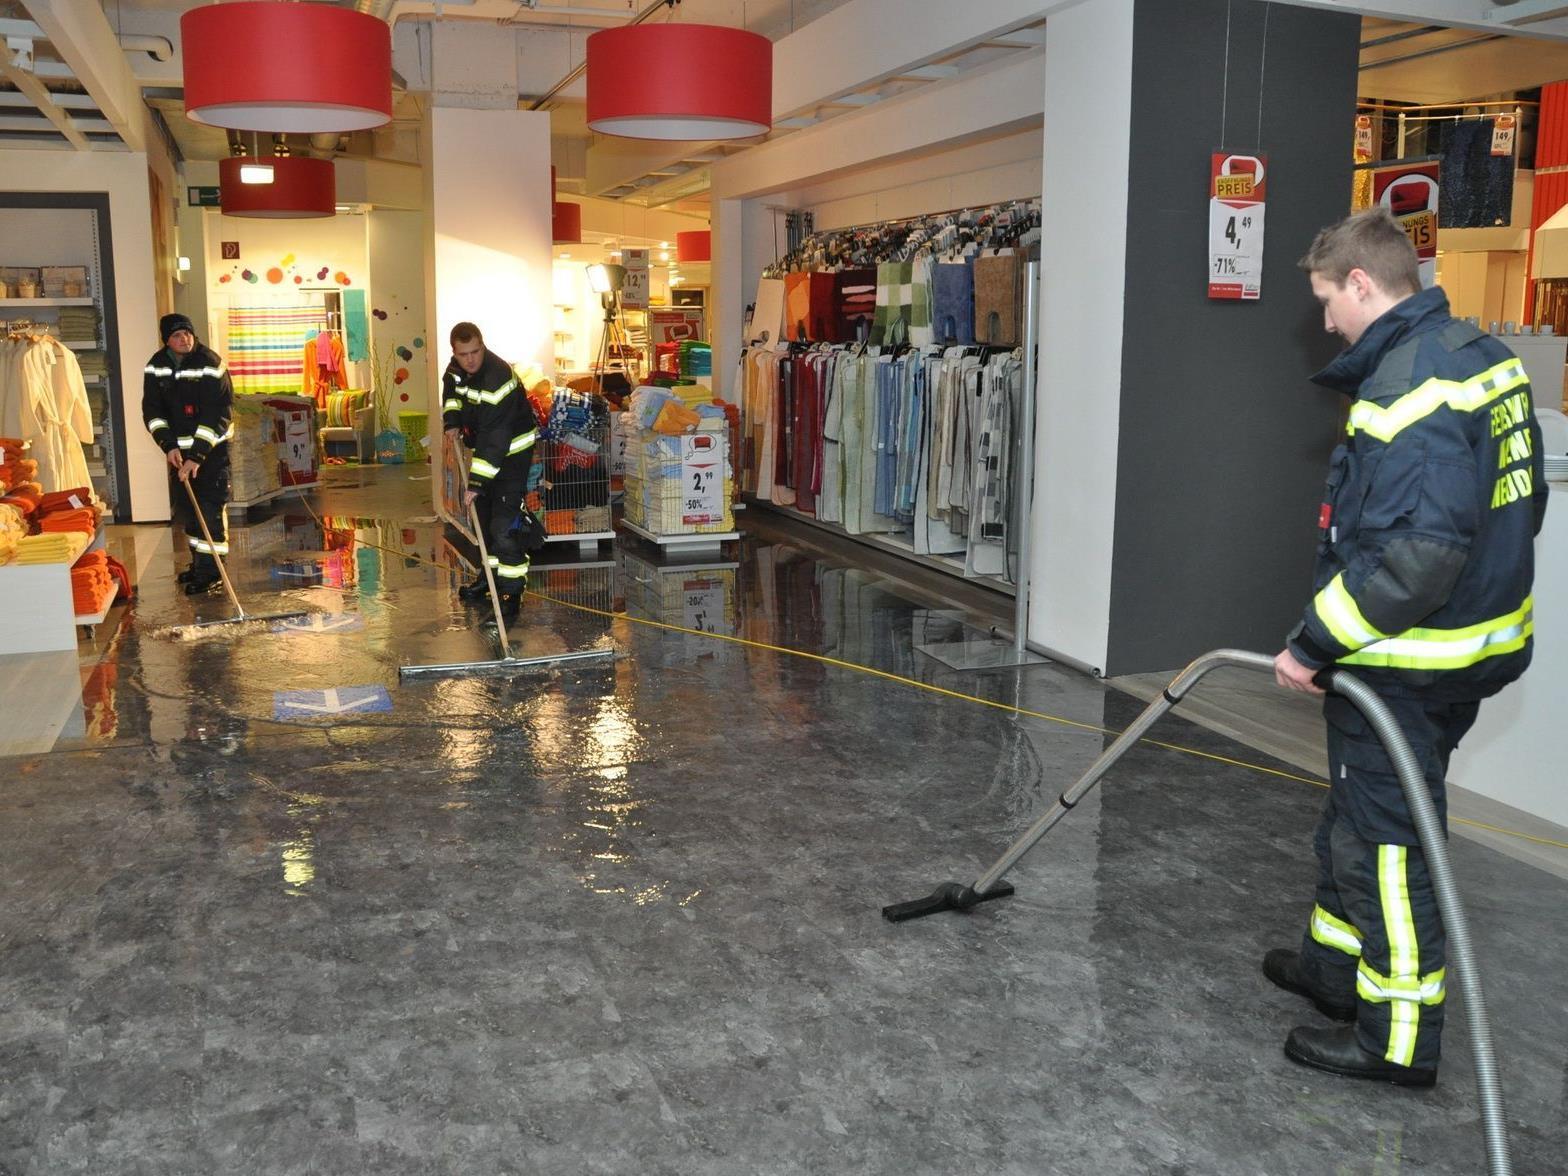 Wasser statt eines Brandes mussten die Männer der beiden Feuerwehren bekämpfen